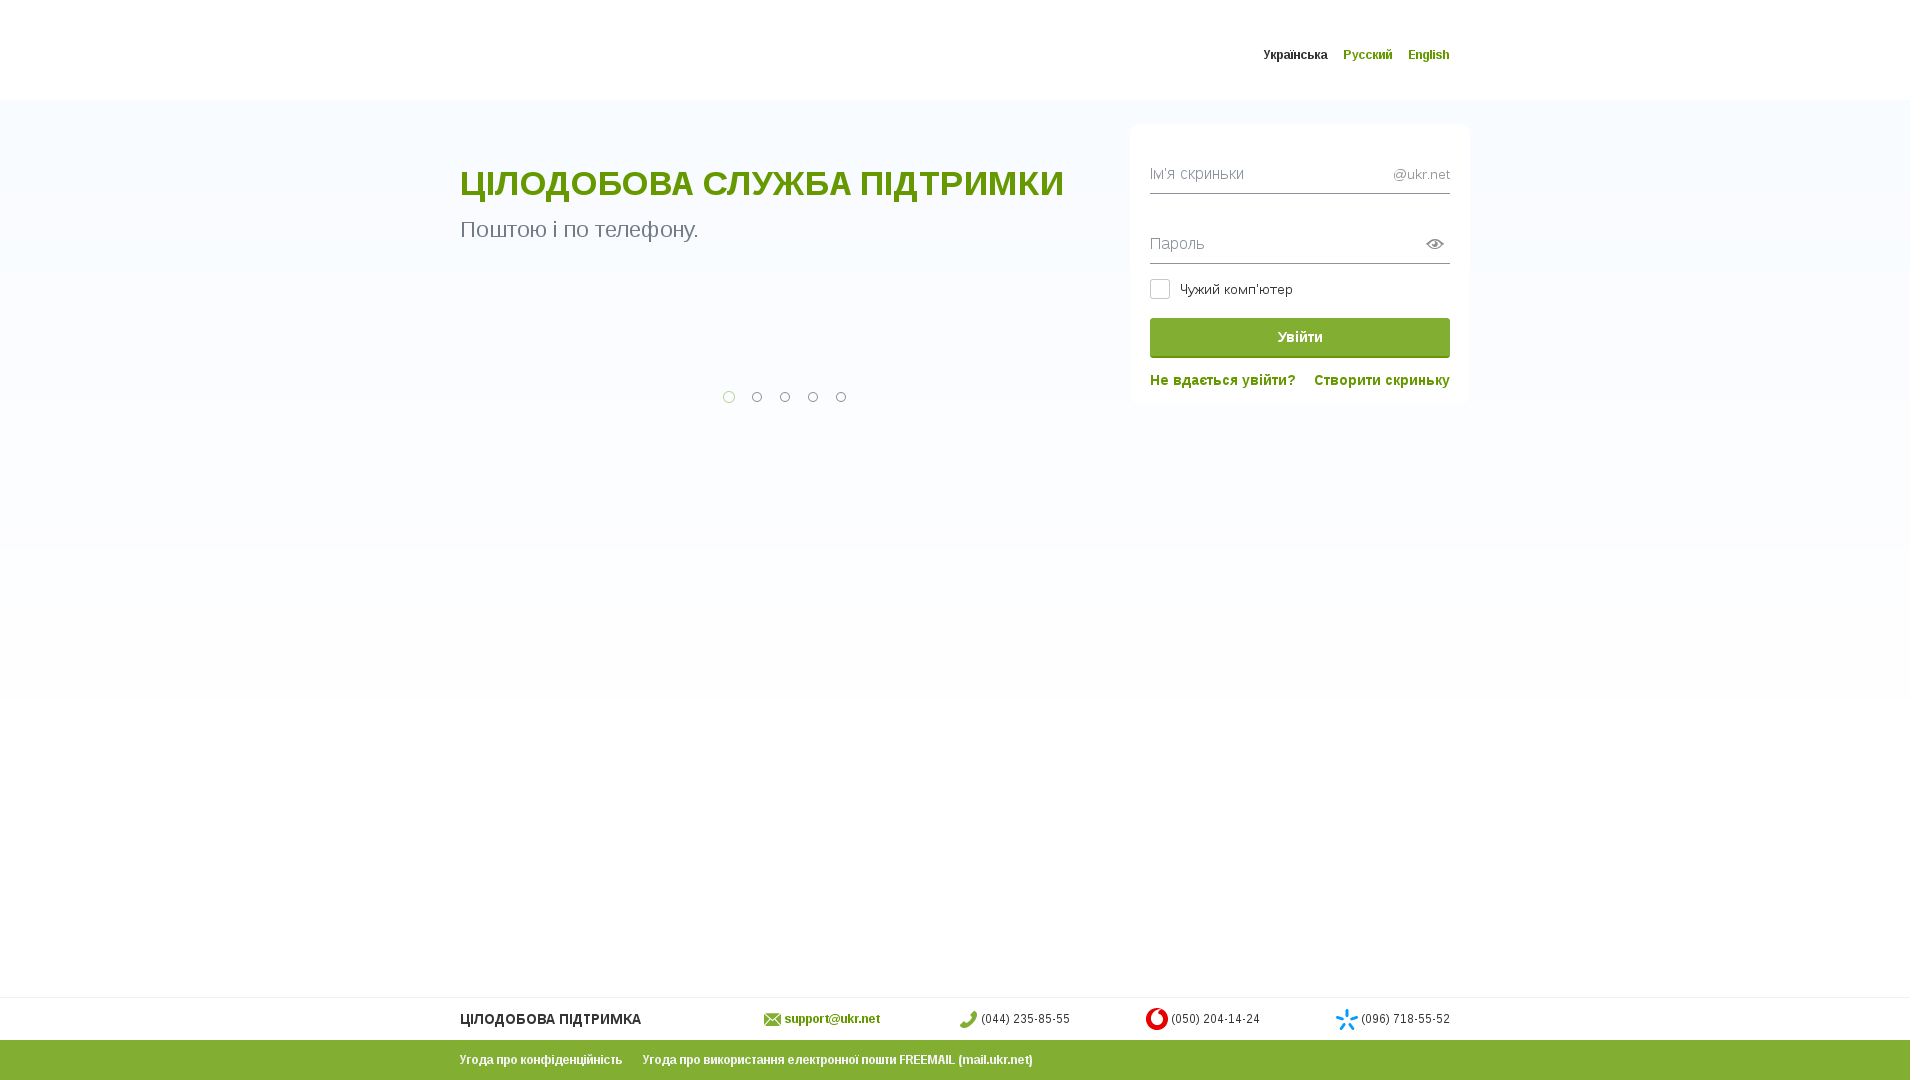 Фото: Ukr net freemail мой почтовый ящик.